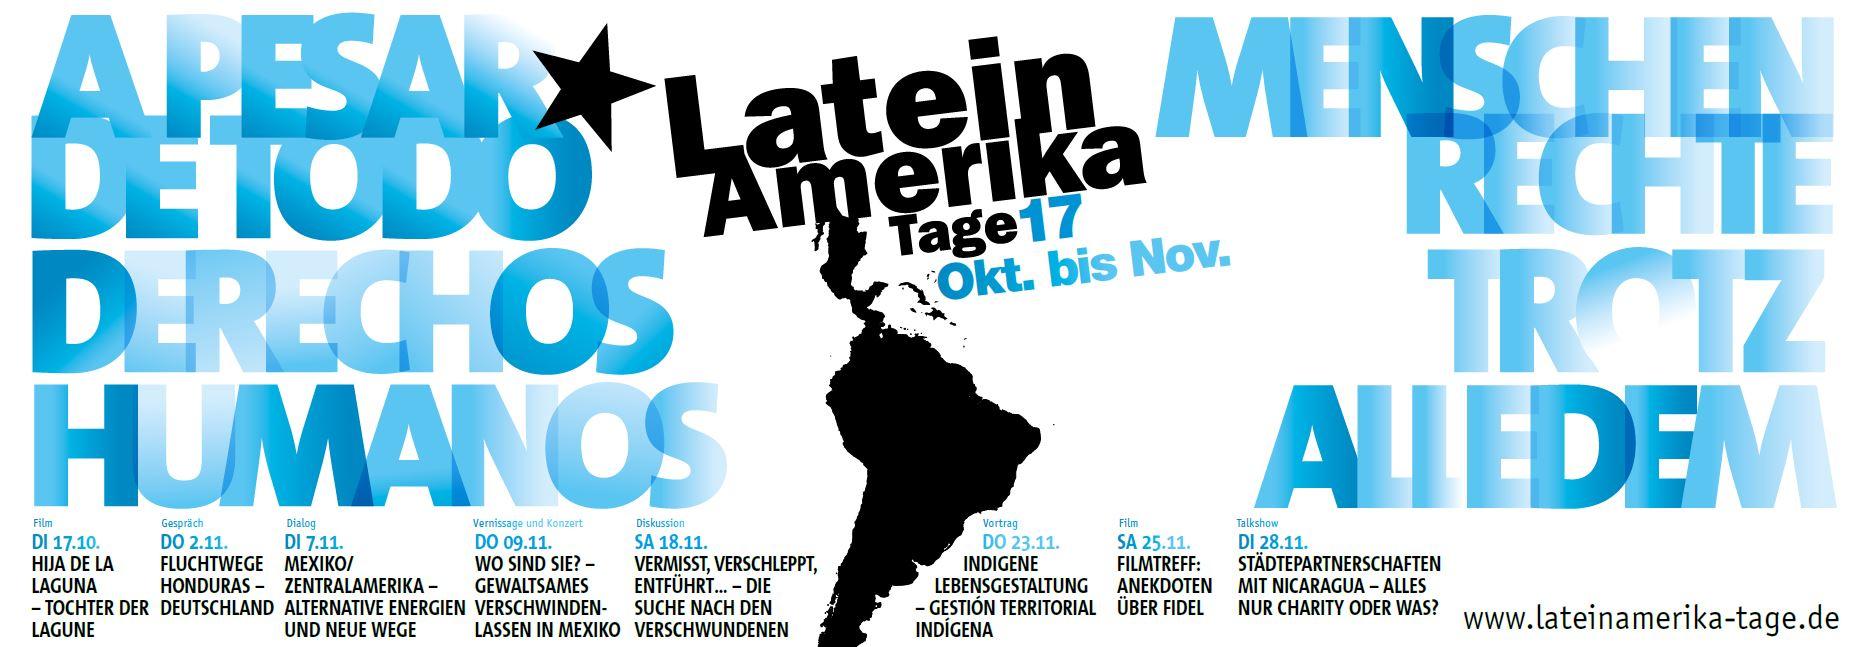 LateinamerikaTage 2017